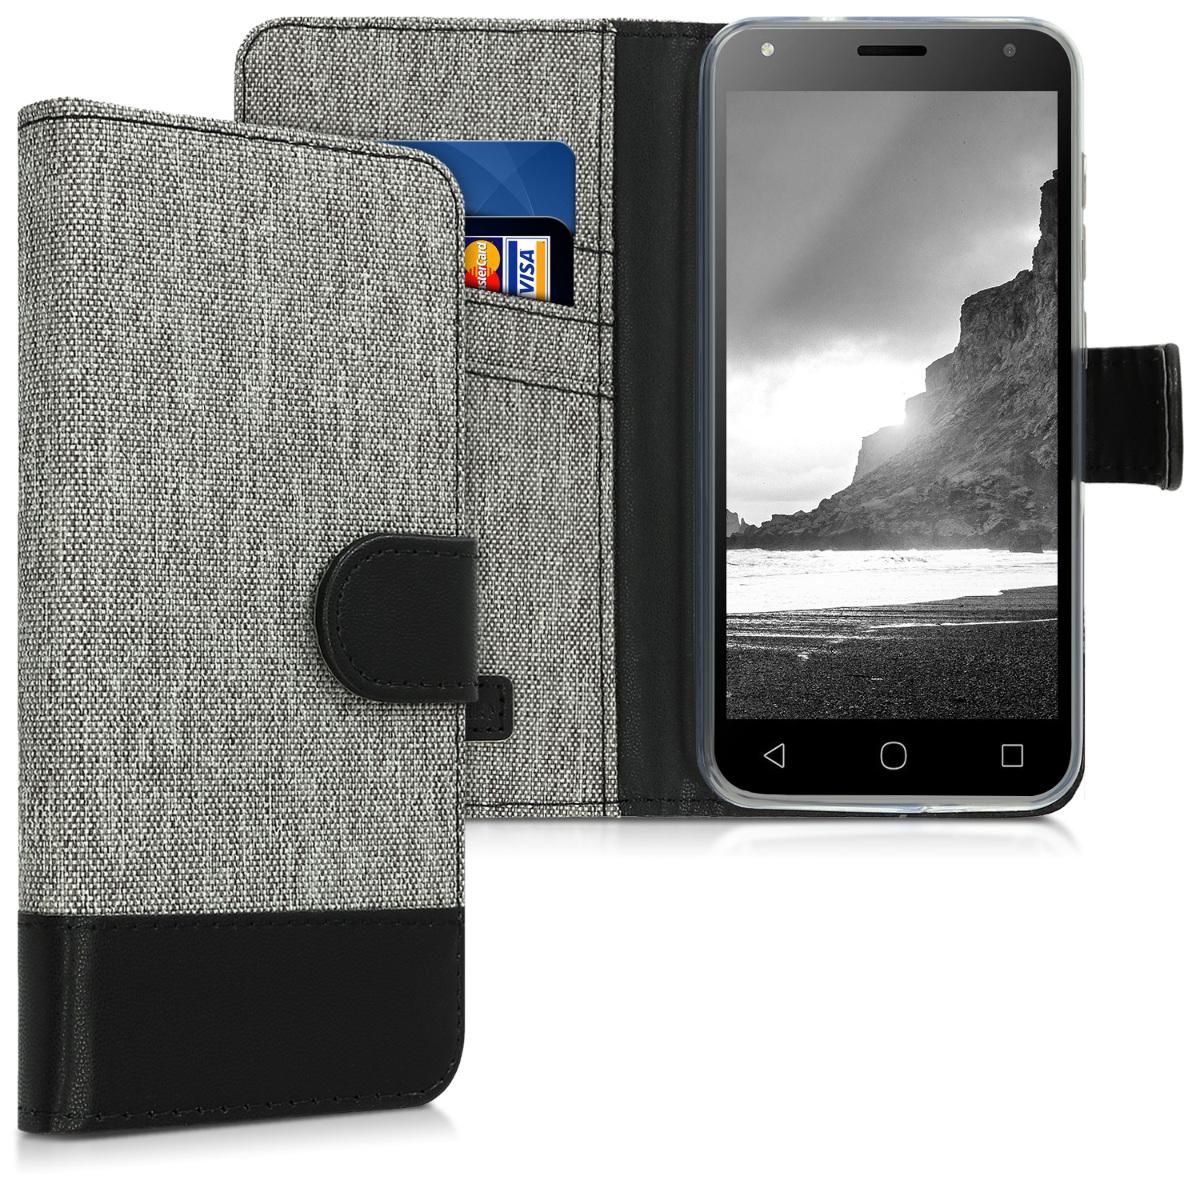 KW Θήκη Πορτοφόλι Alcatel 1 - Grey / Black Canvas (46362.22)